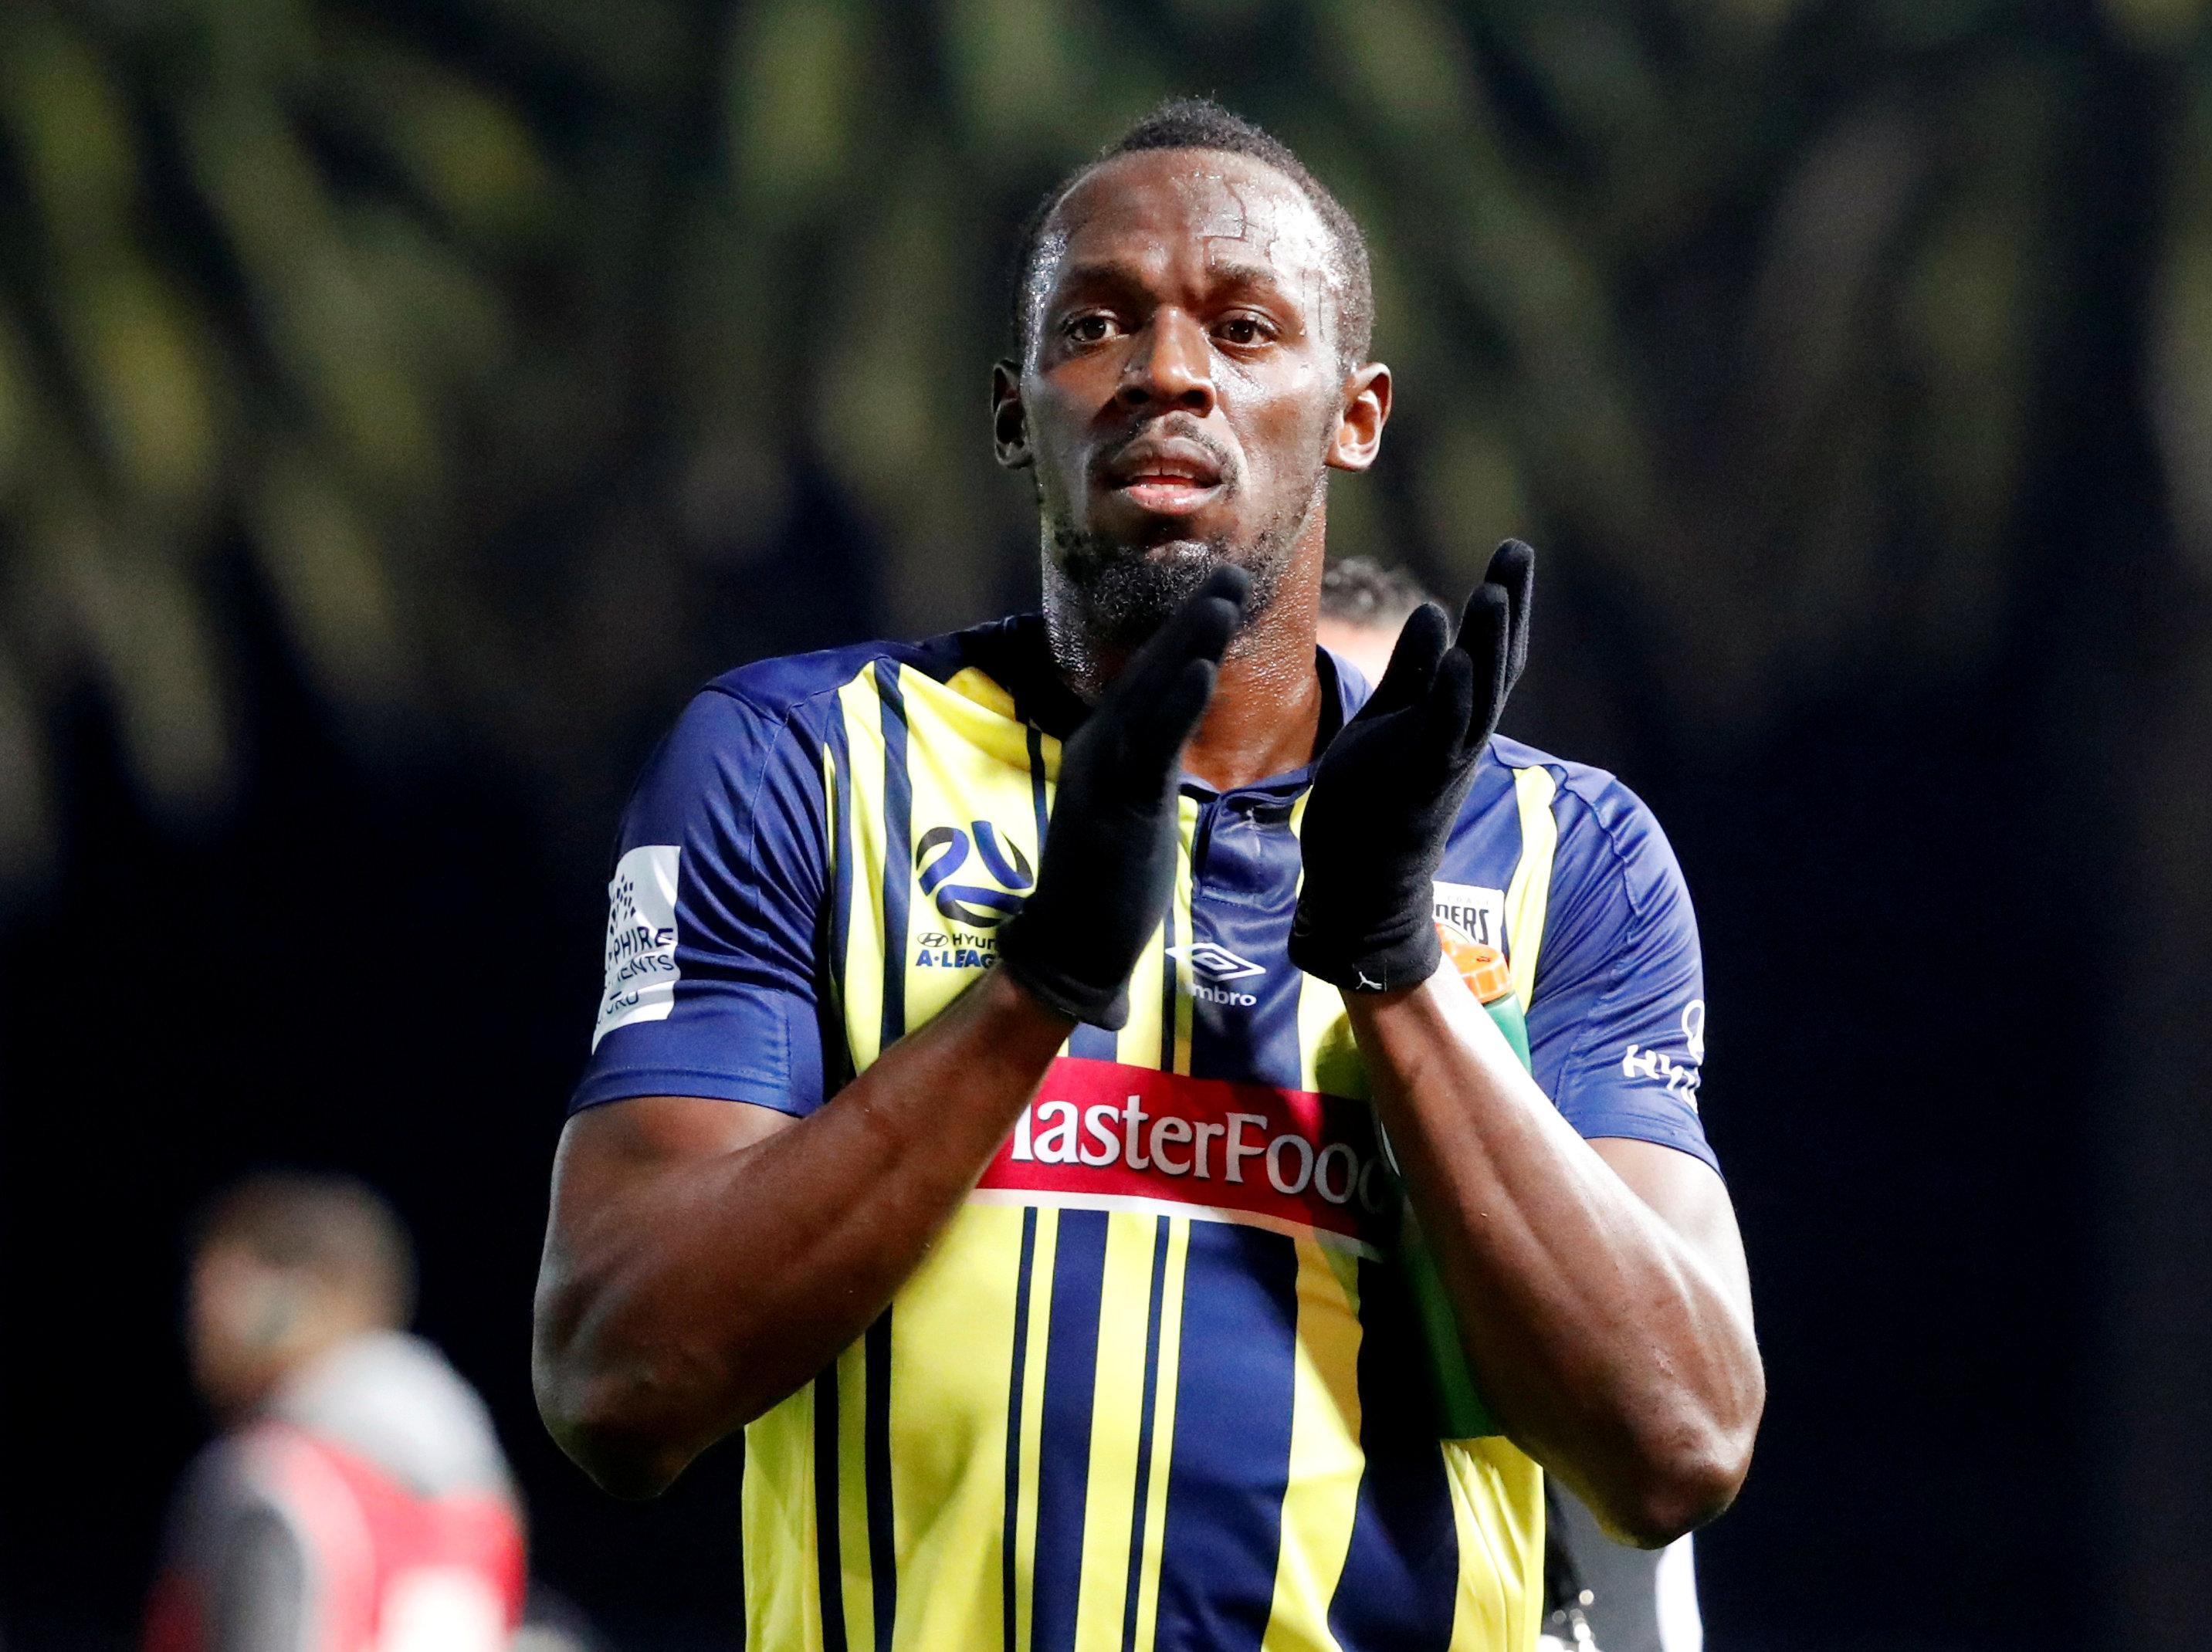 Usain Bolt's football career has fallen flat